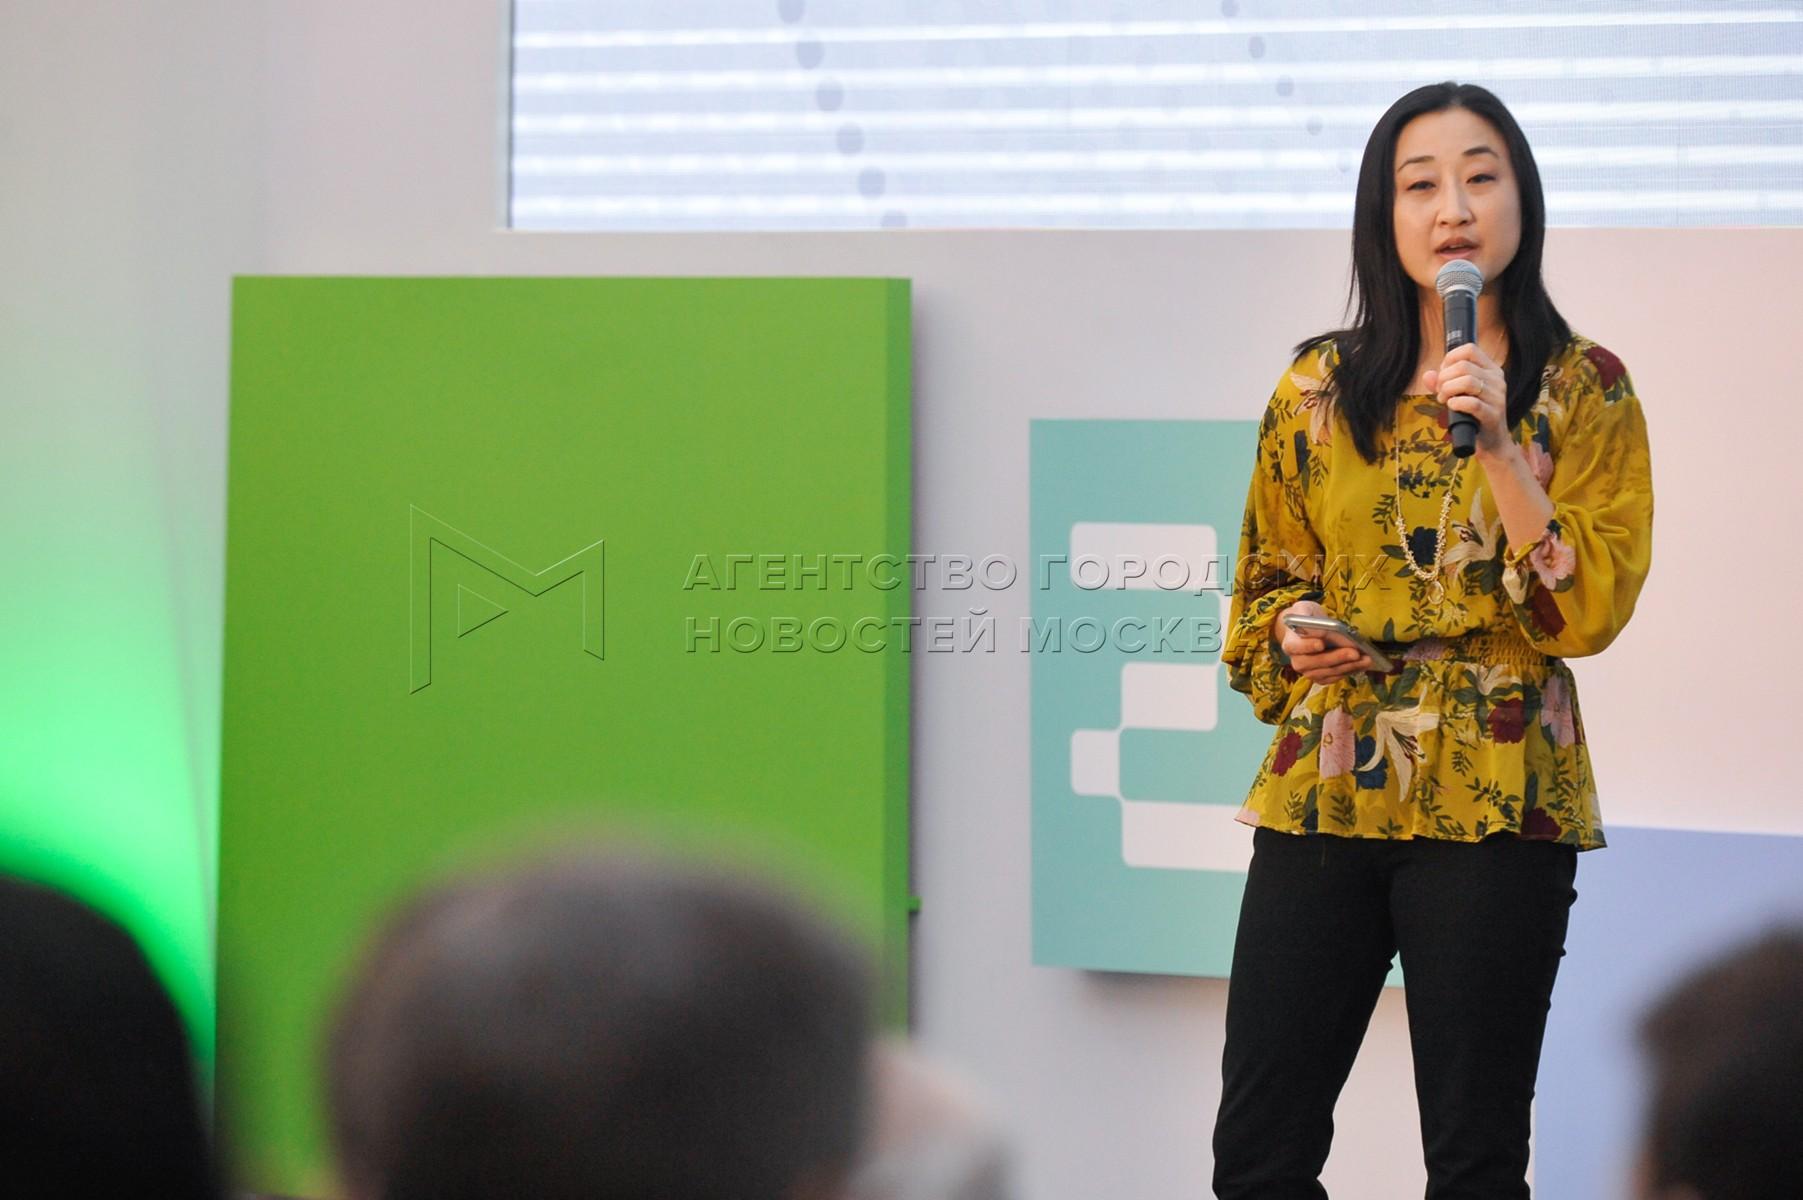 Главный исполнительный директор компании 500 Startups Кристина Цай на Демо-дне совместного Акселератора Сбербанка и 500 Startups.